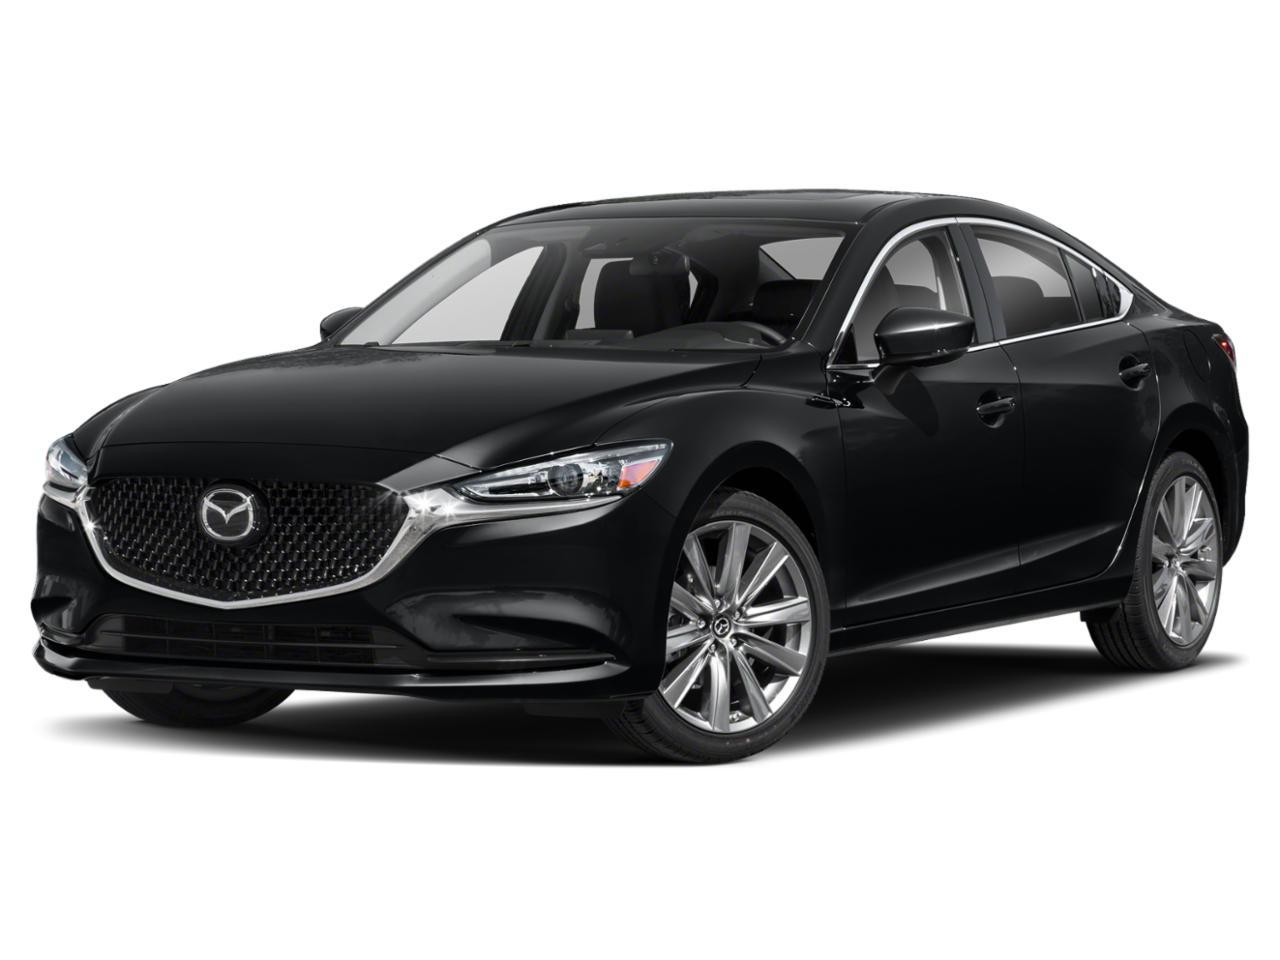 2020 Mazda Mazda6 Vehicle Photo in BATON ROUGE, LA 70806-4464